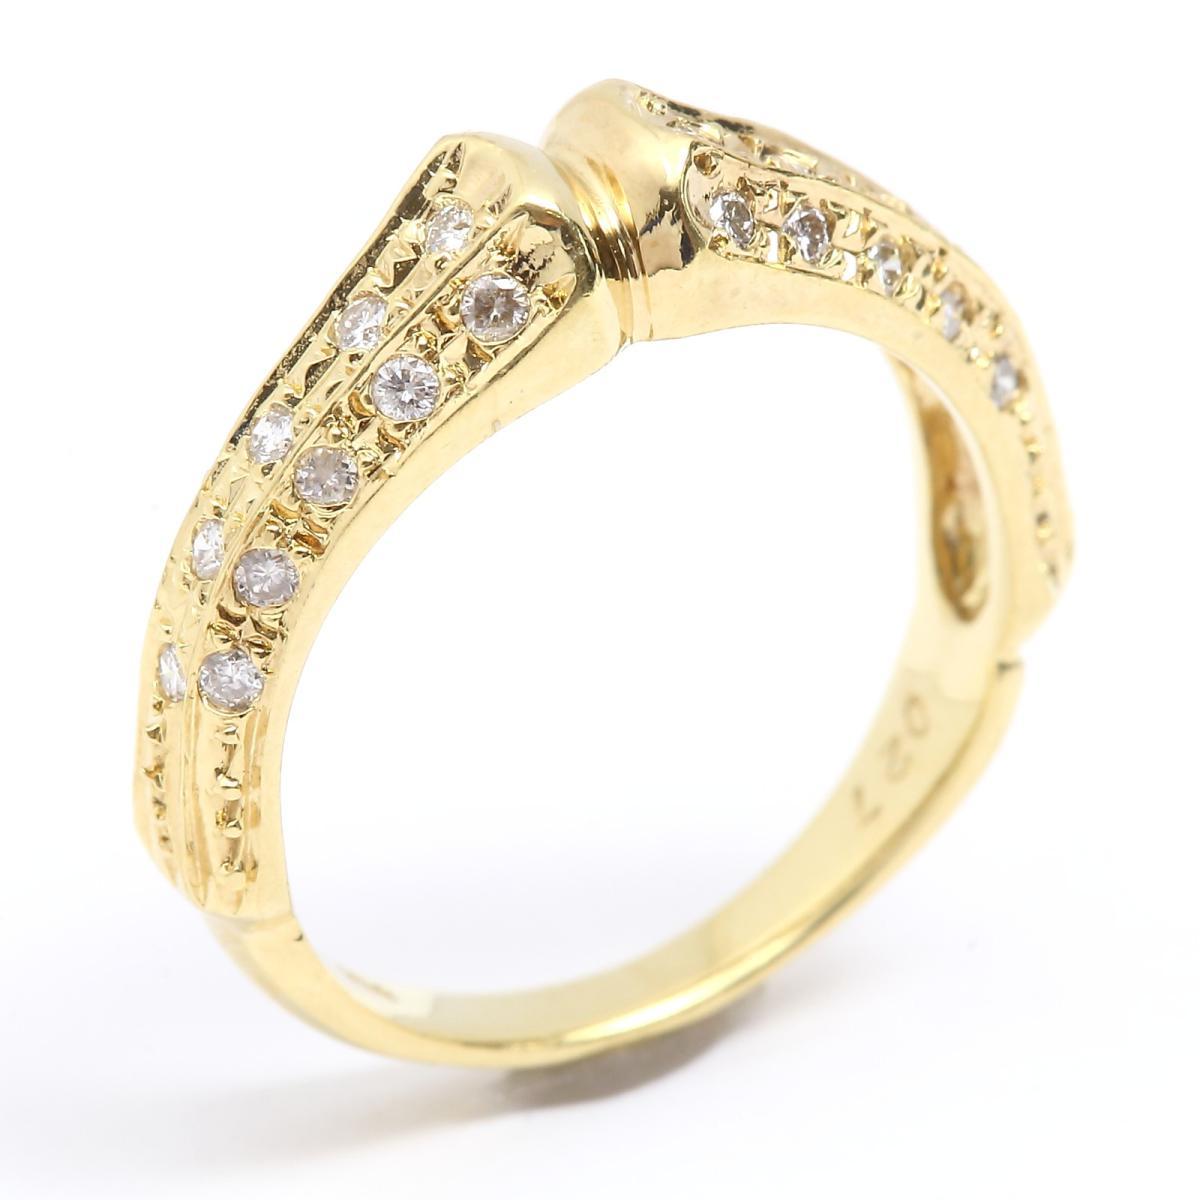 【10%OFFクーポン対象 (750)】【中古】 ジュエリー ダイヤモンド リング リング Ring 指輪 レディース K18YG (750) イエローゴールド x ダイヤモンド (0.27ct) | JEWELRY リング K18 18K 18金 Ring 美品 ブランドオフ BRANDOFF, ウインクデジタル:cb0fed18 --- kanda.ayz.pl